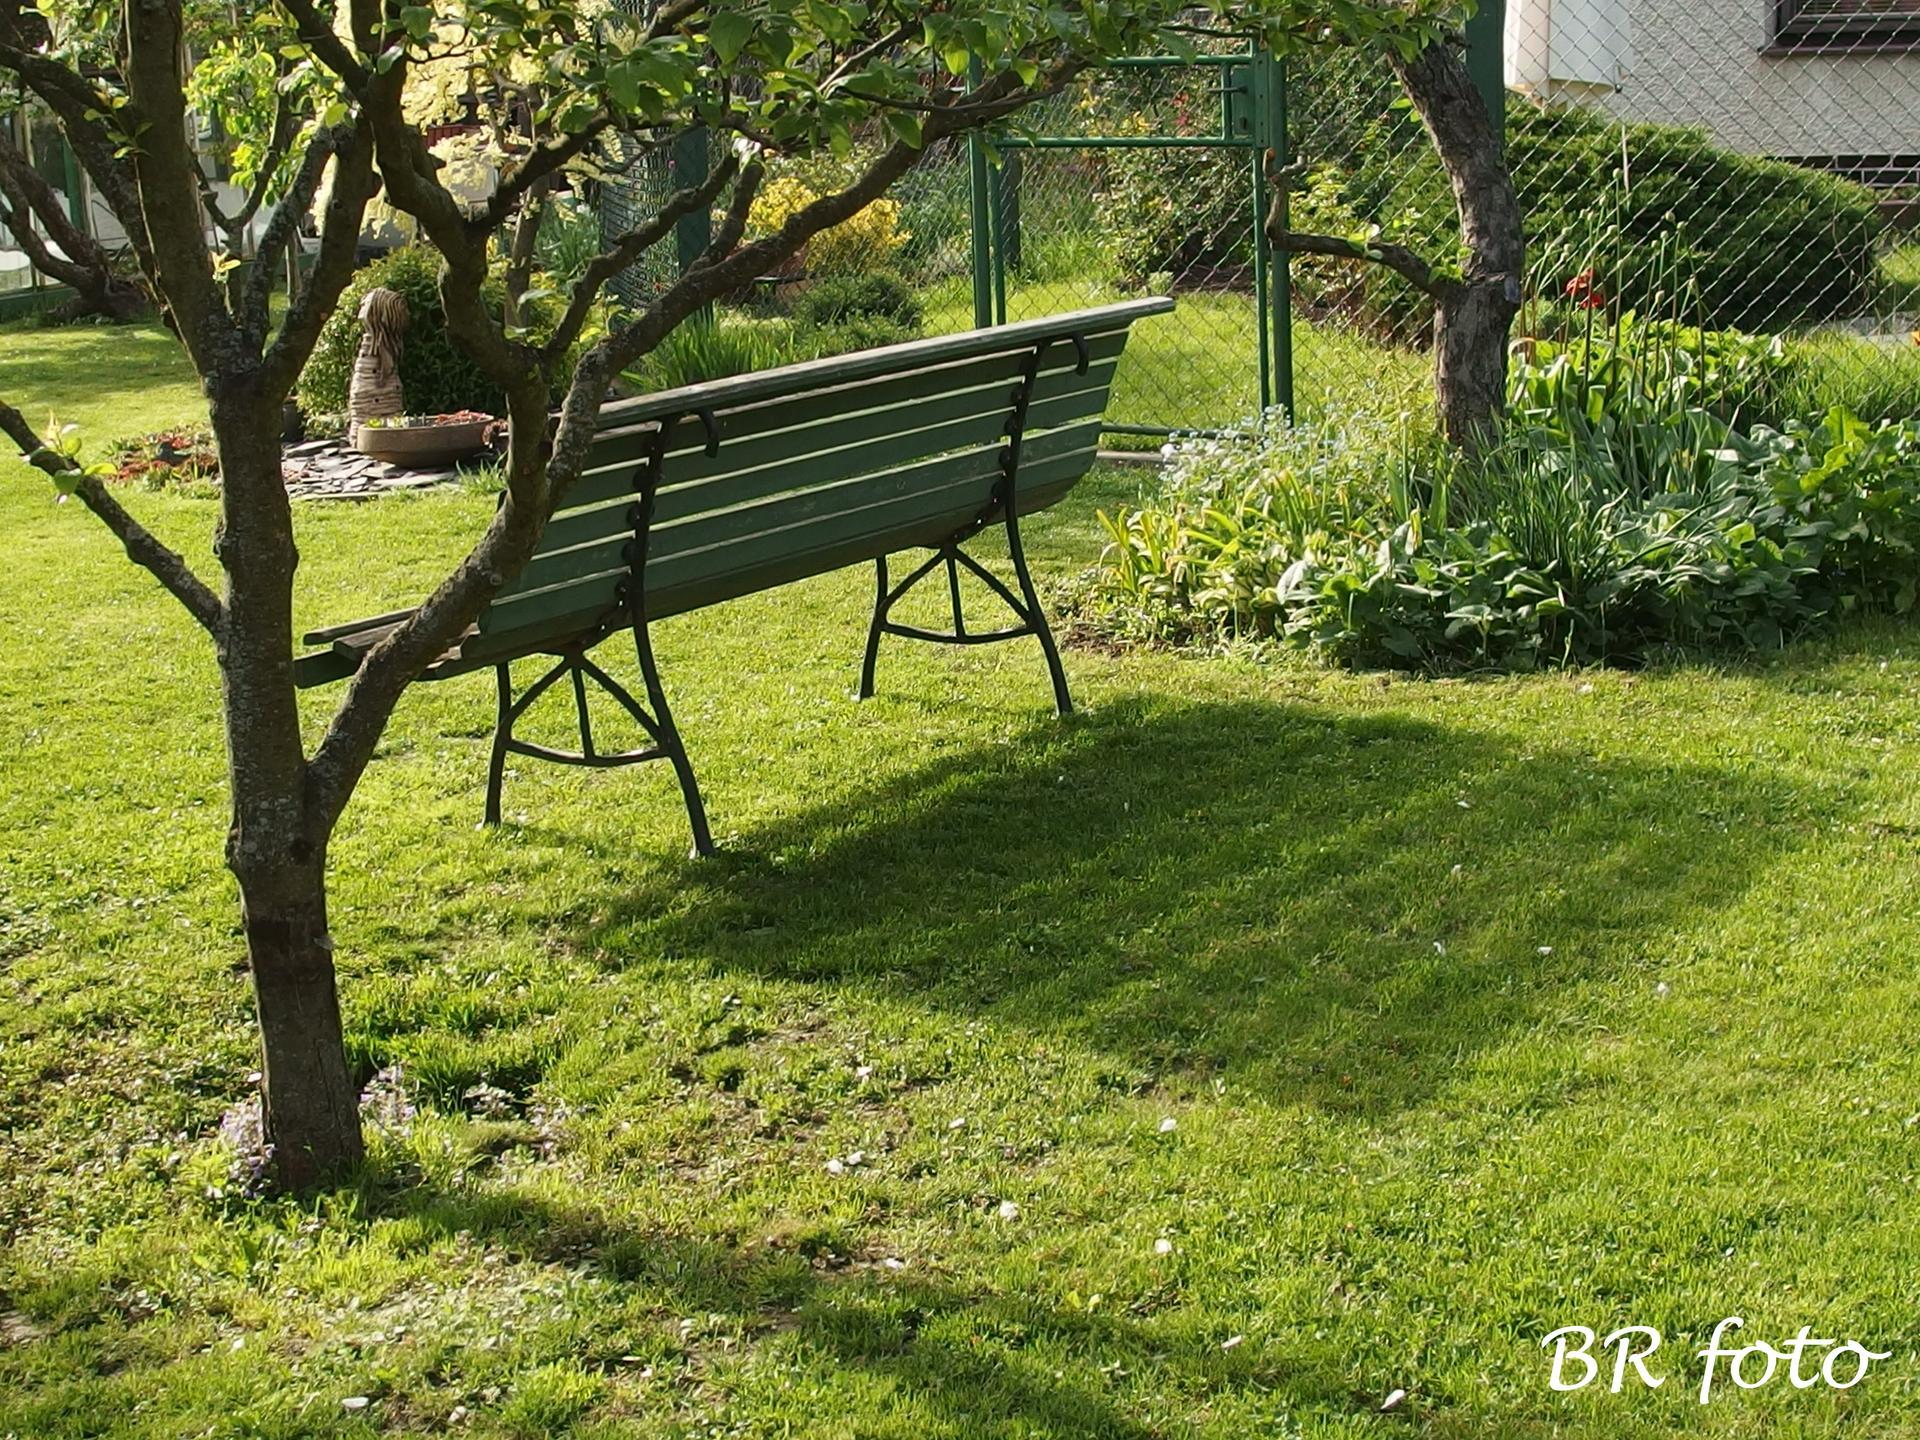 Pozvání do zahrady 2021 - v sobotu jsme posekali trávník